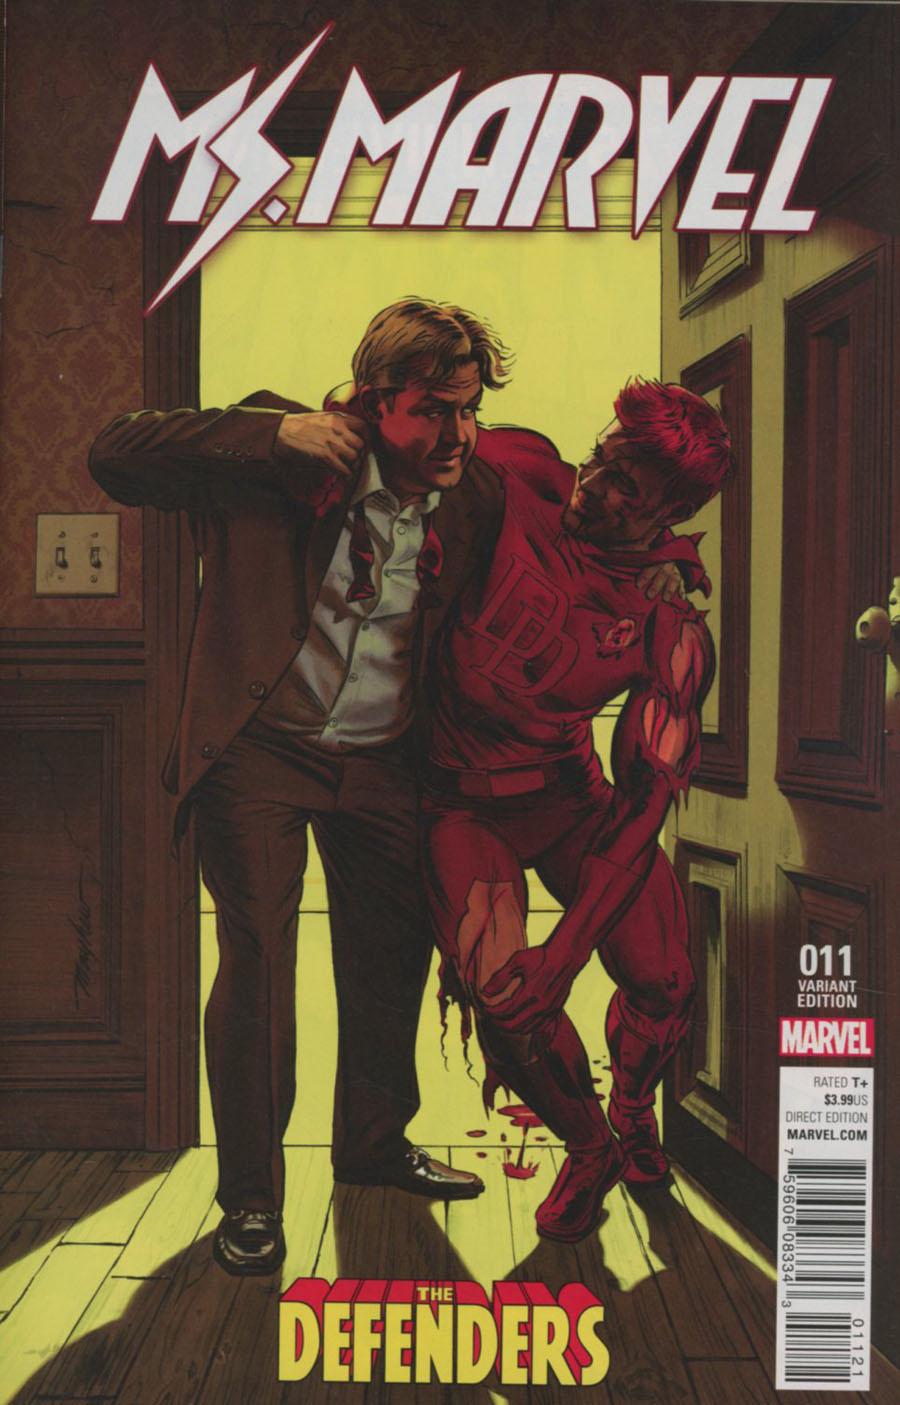 Ms Marvel Vol 4 #11 Cover B Variant Defenders Cover (Civil War II Tie-In)